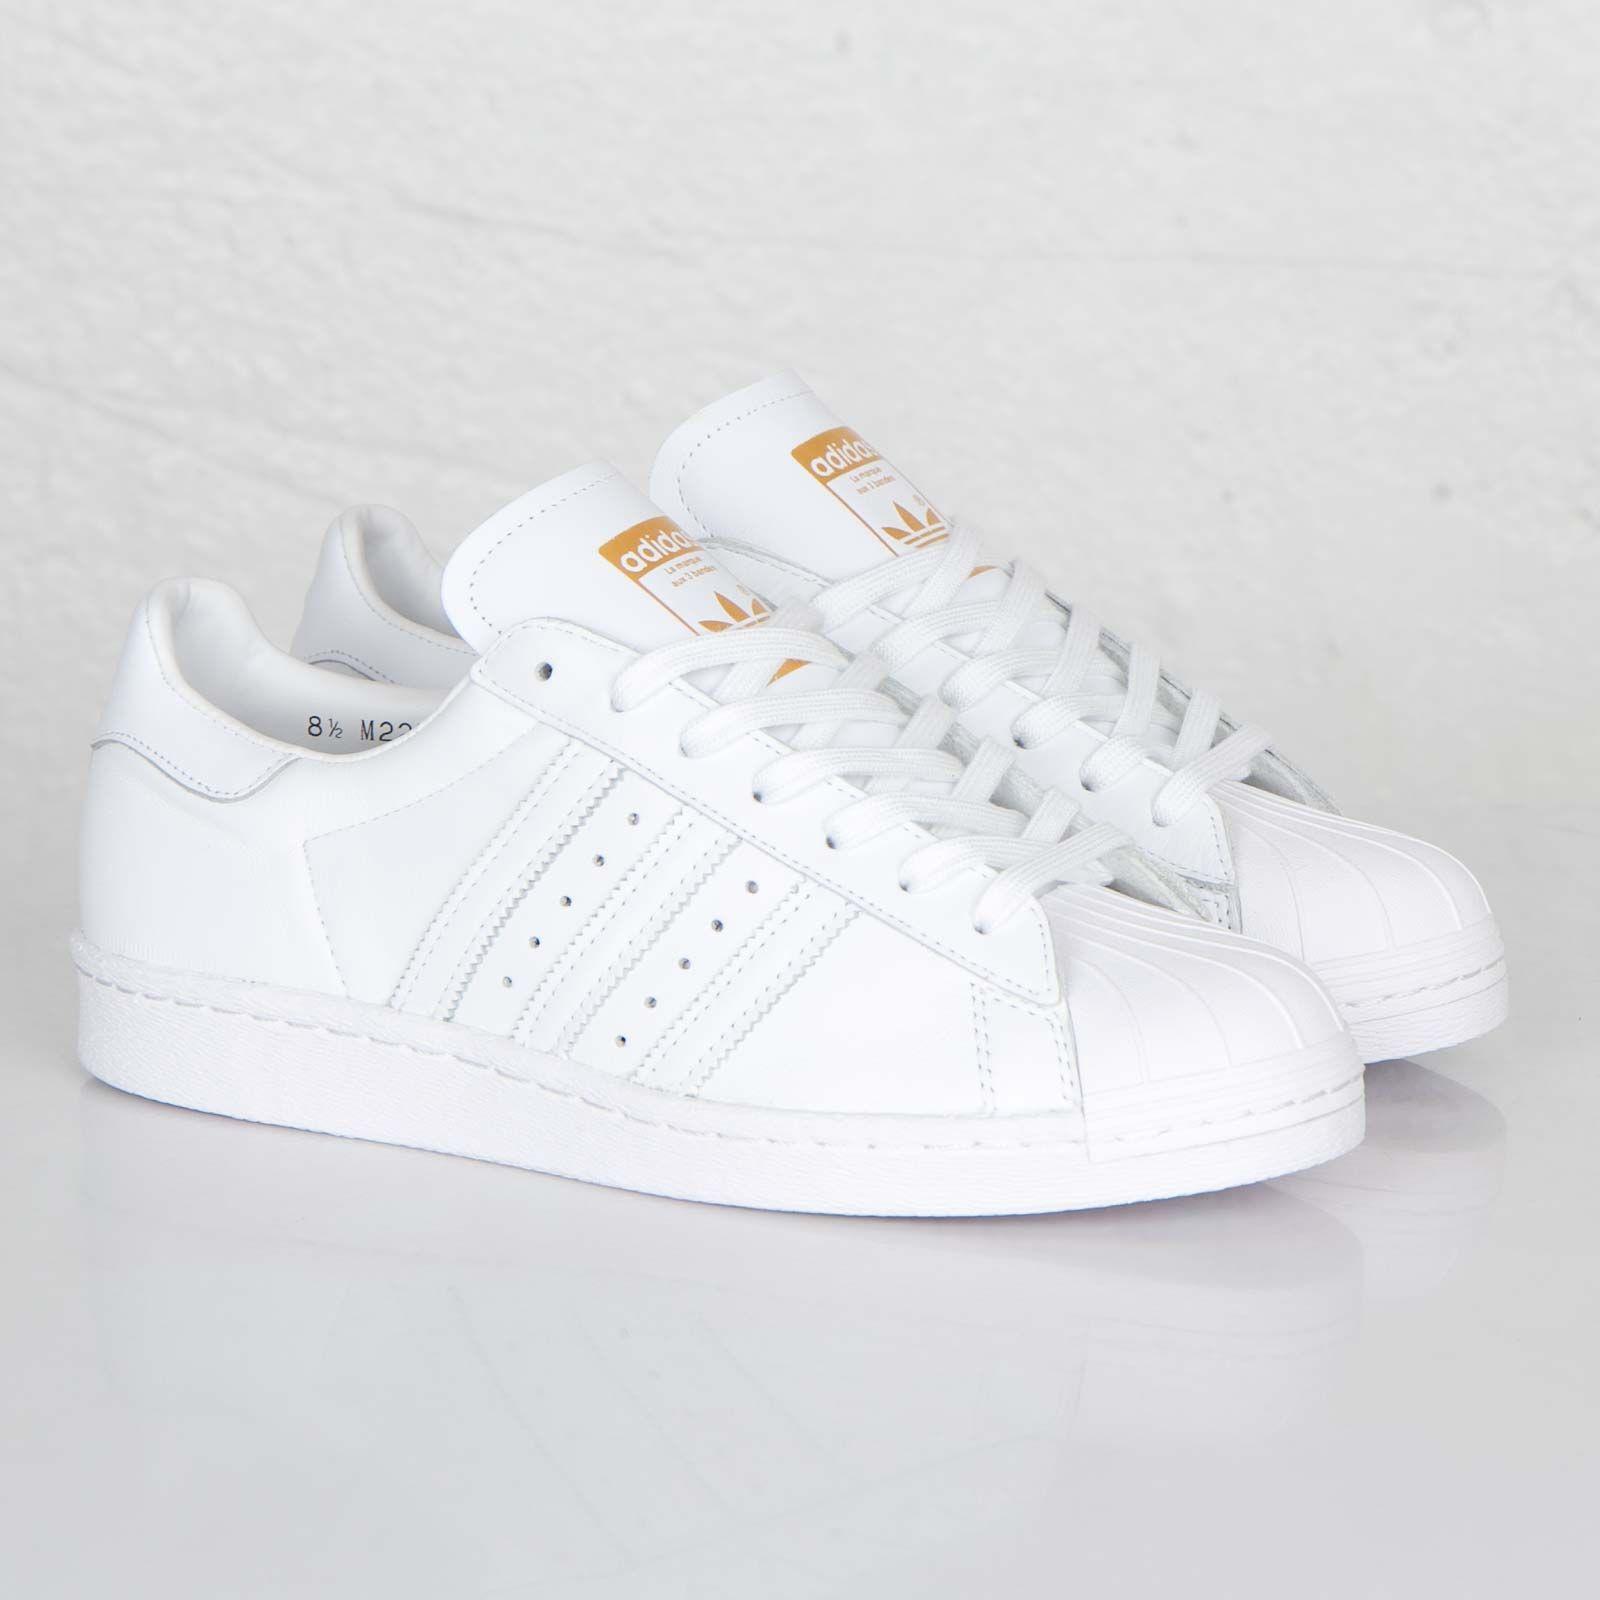 Adidas superstar degli scarpe anni '80 e m22302 scarpe degli da ginnasticanstuff originali. 304883